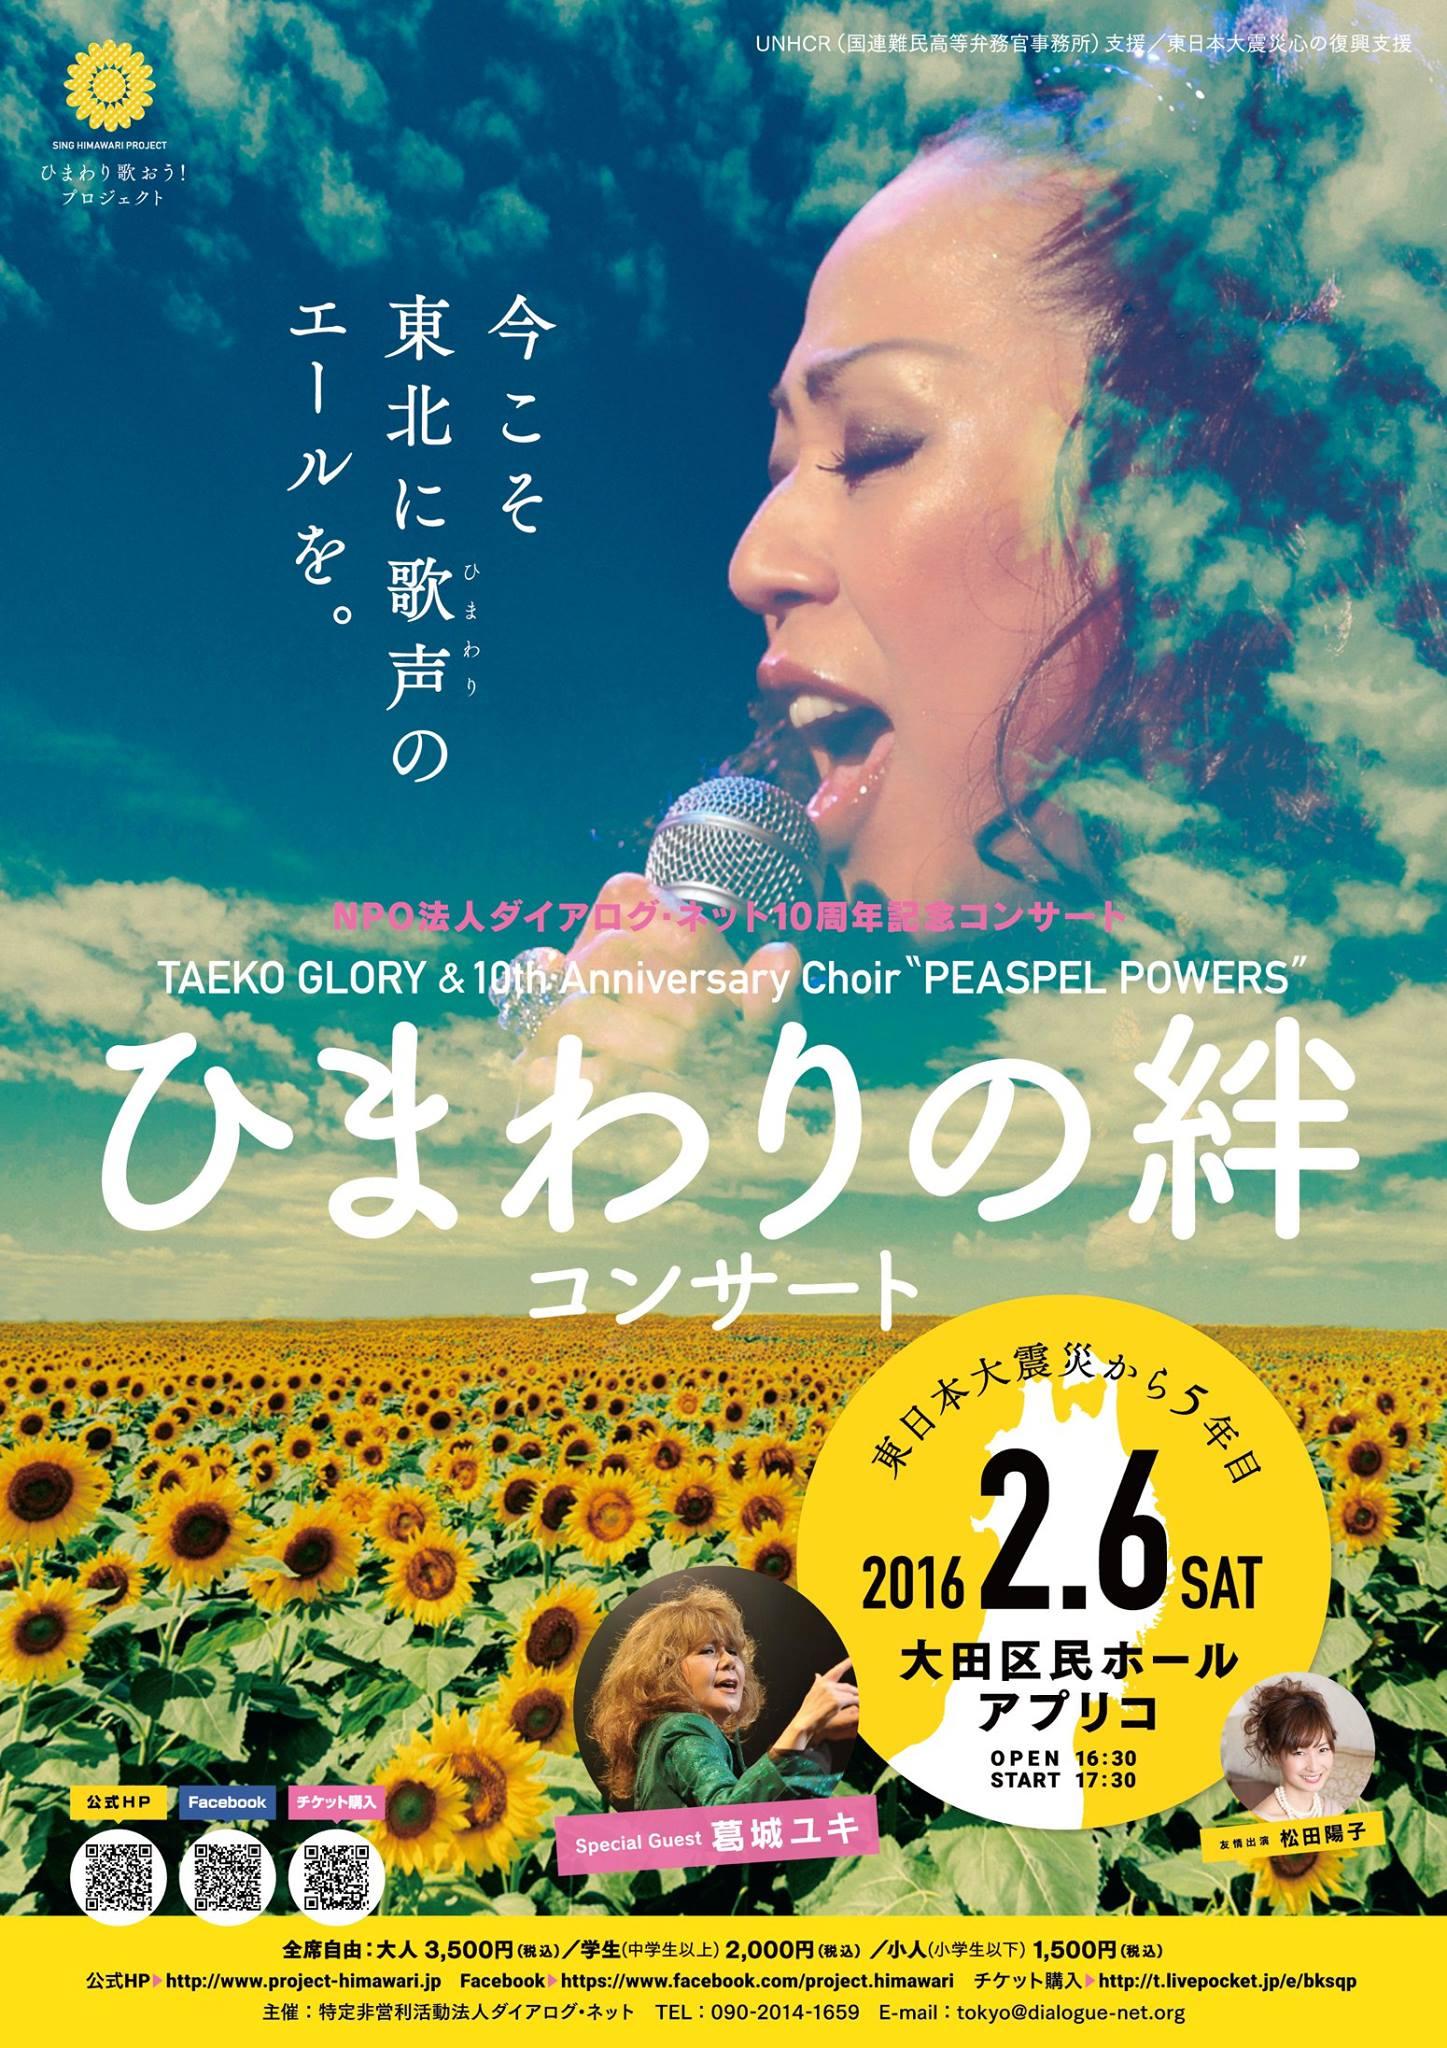 【ダイアログネット10周年記念】ひまわりの絆コンサート